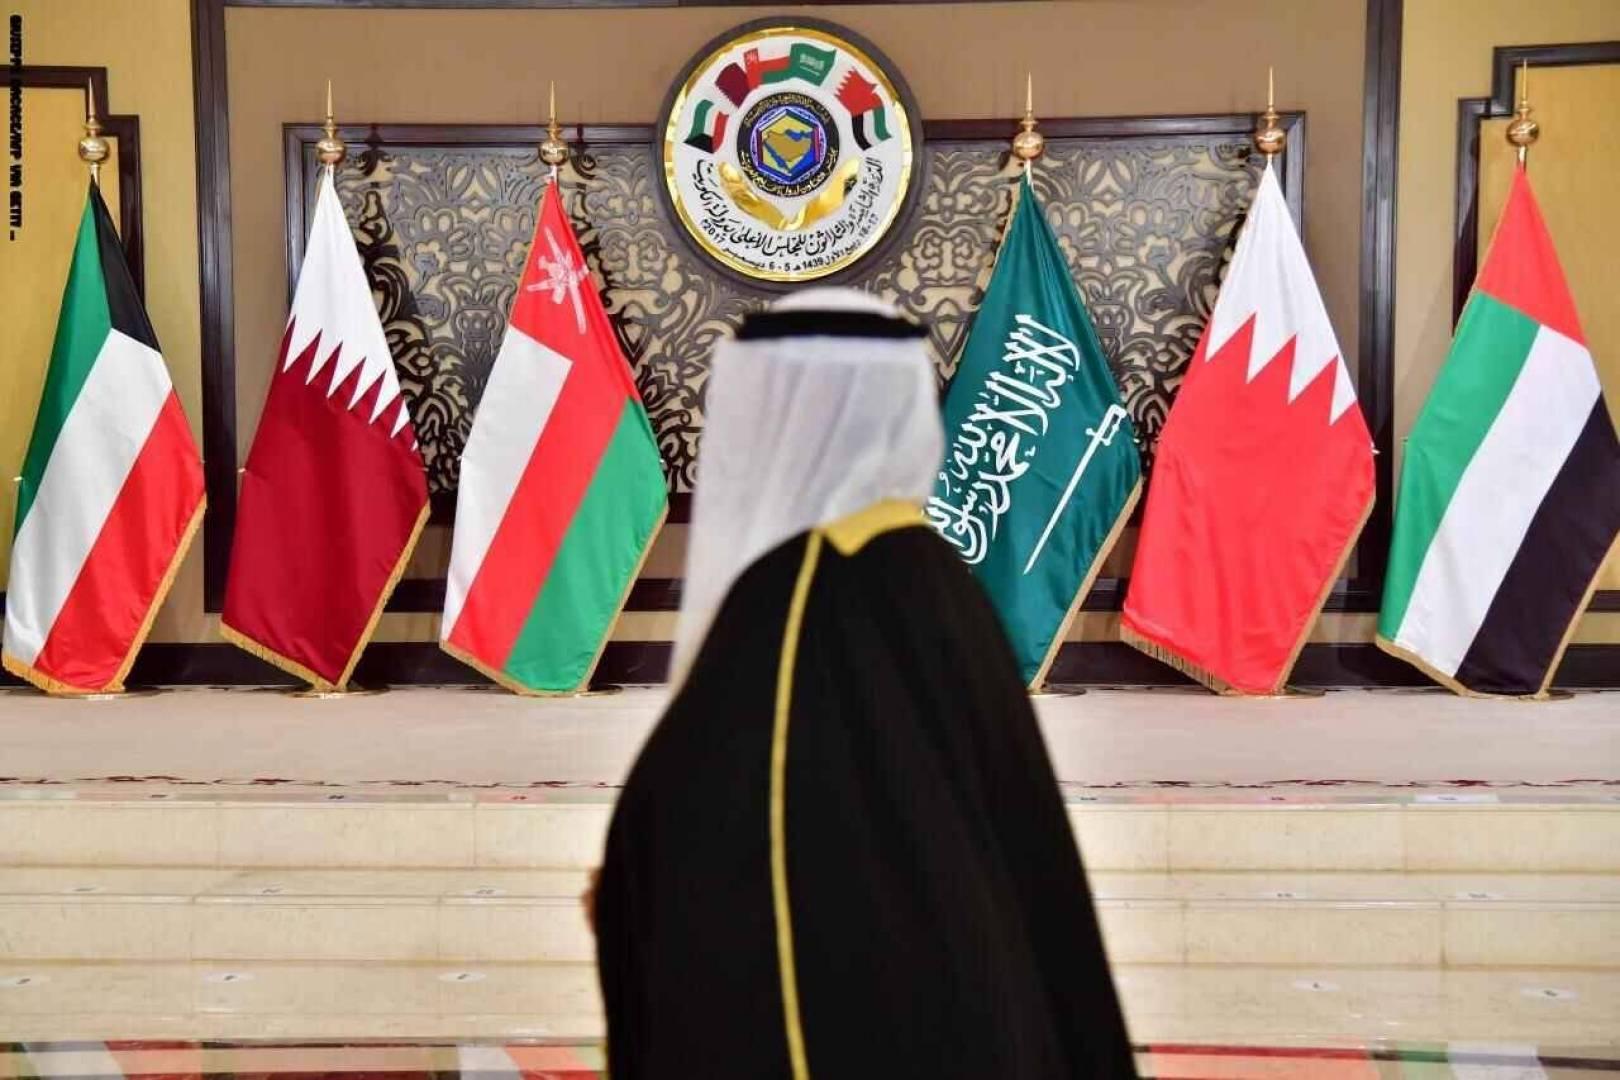 بلومبيرغ: الكويت تقود جهوداً جديدة.. لحل الأزمة الخليجية